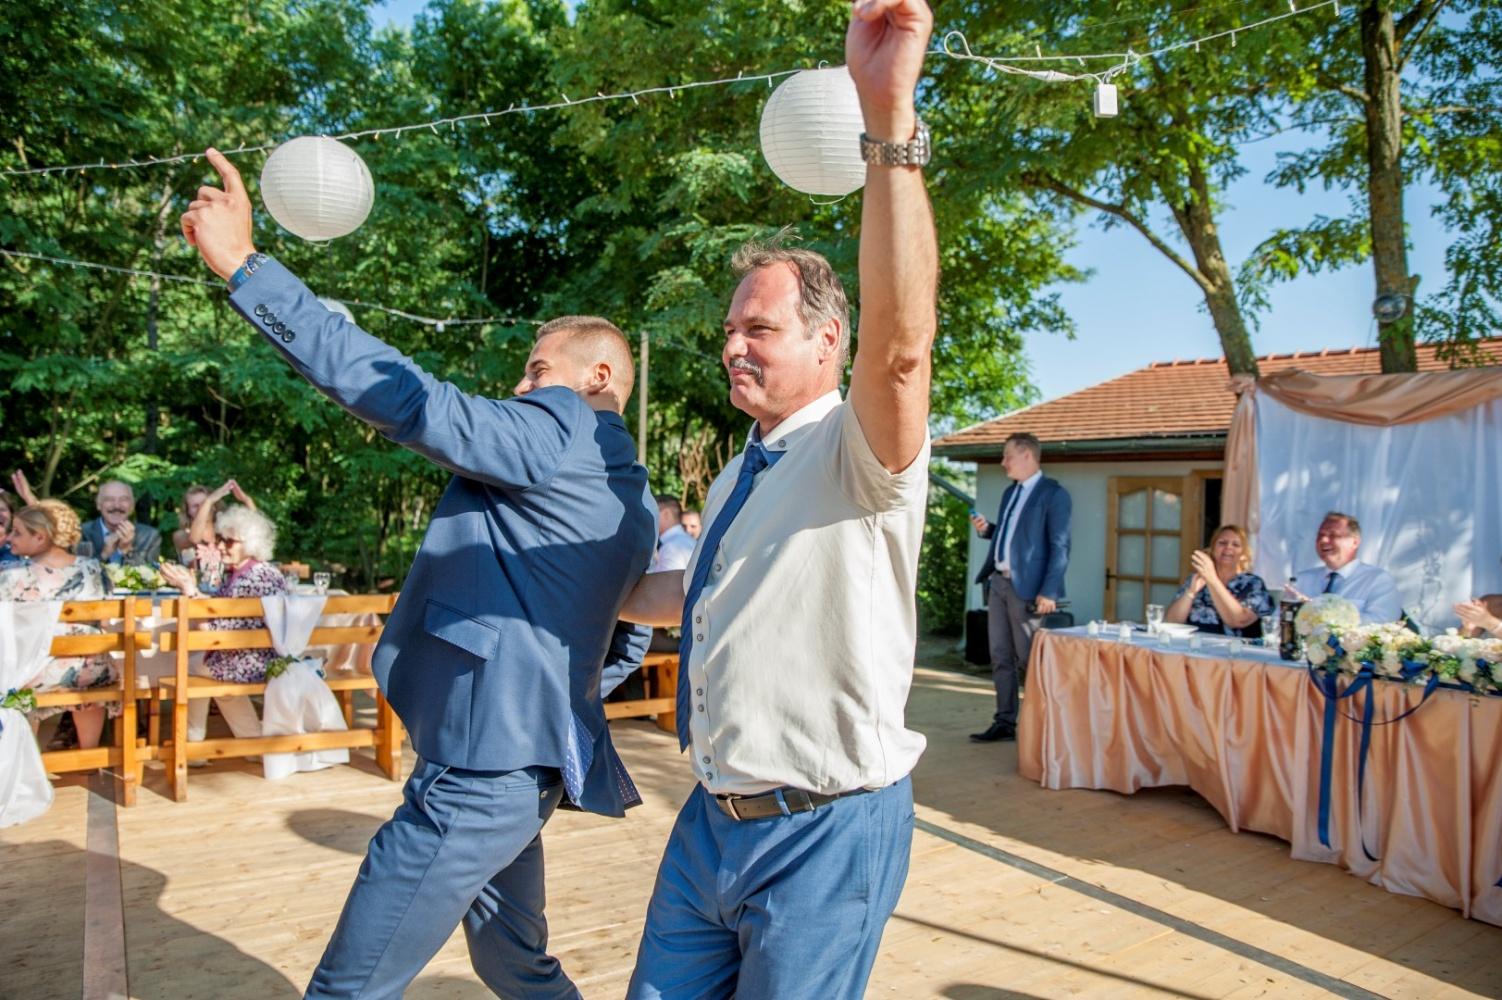 http://www.fotoz.sk/images/gallery-22/normal/eskuvoi-fotos_svadobny-fotograf_494.jpg